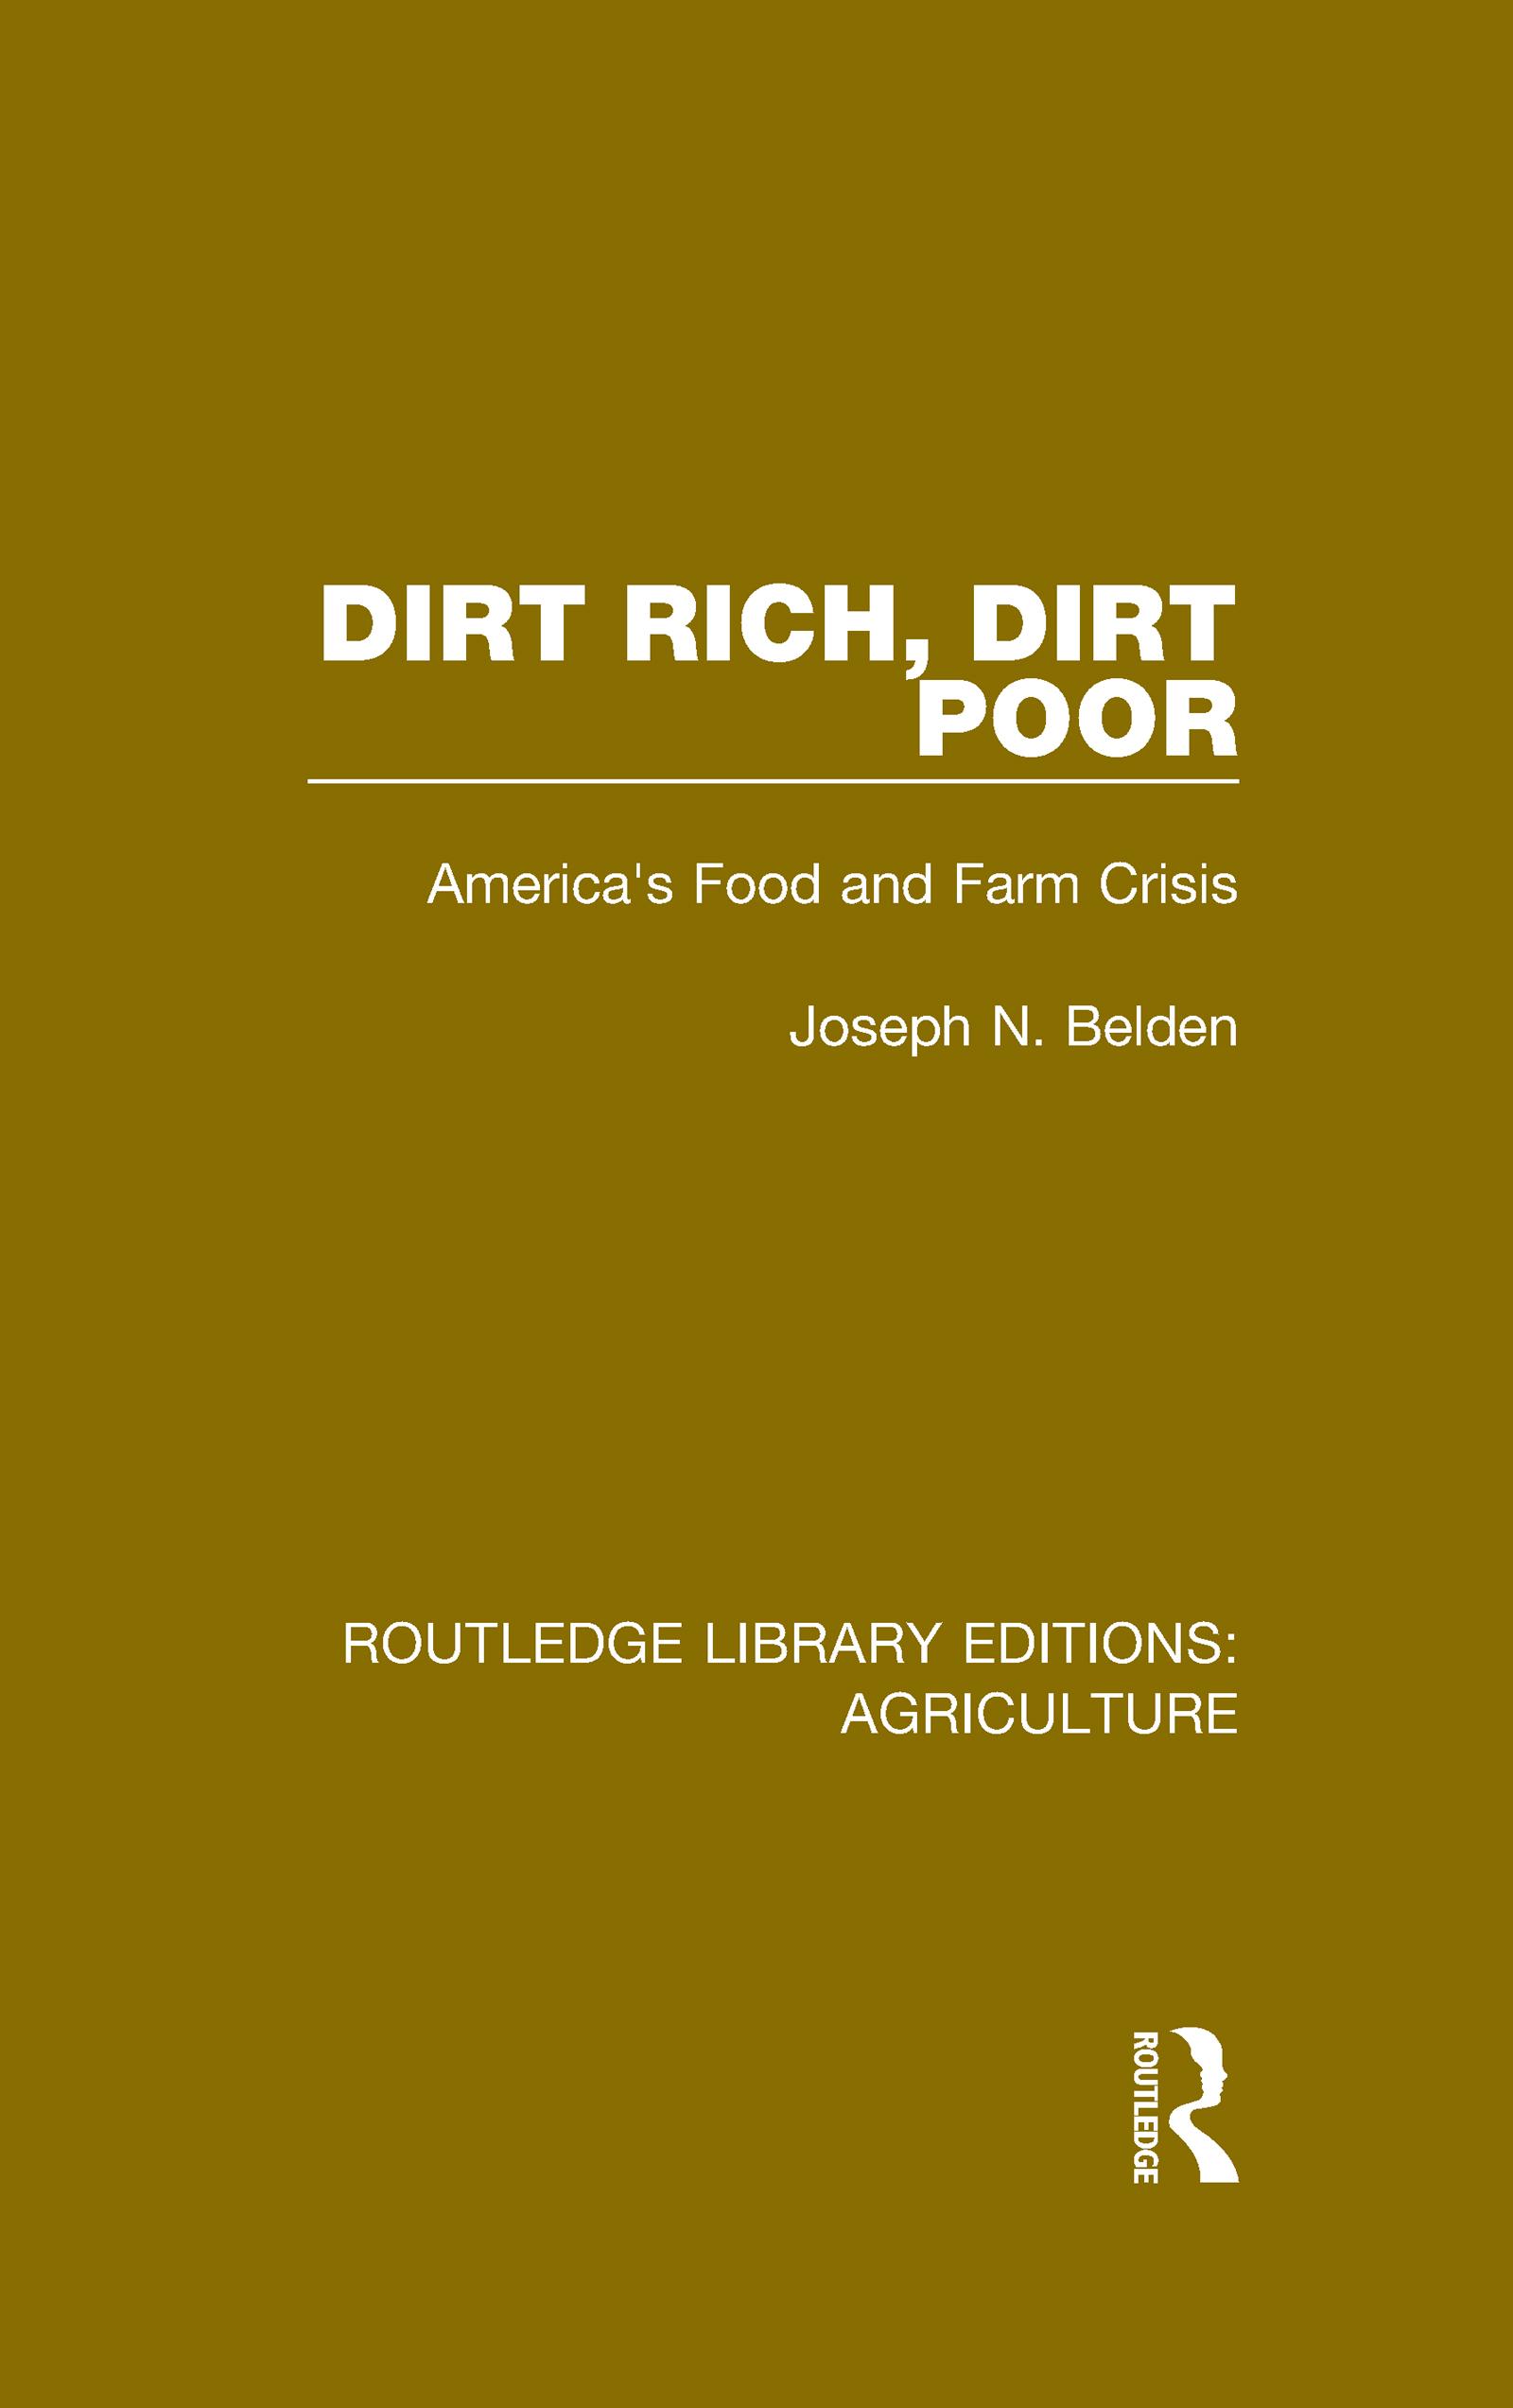 Dirt Rich, Dirt Poor